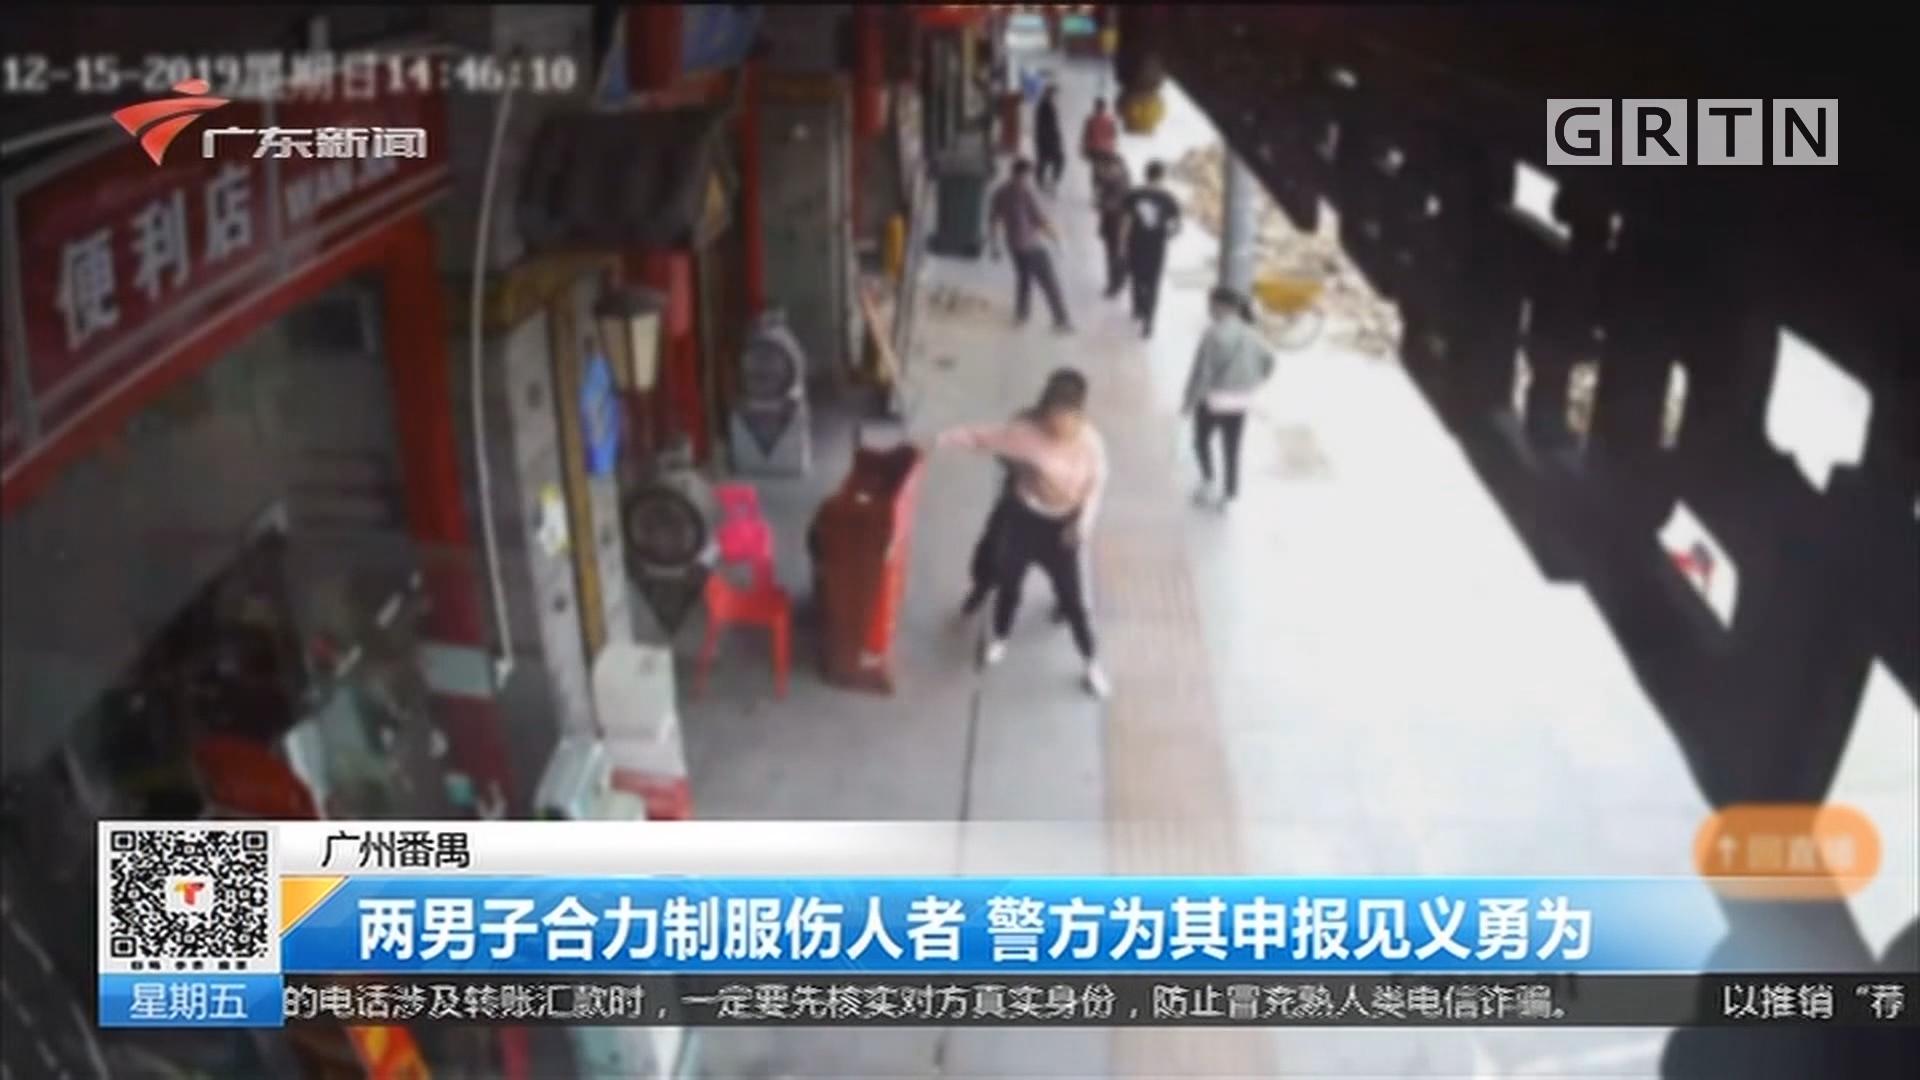 广州番禺 两男子合力制服伤人者 警方为其申报见义勇为